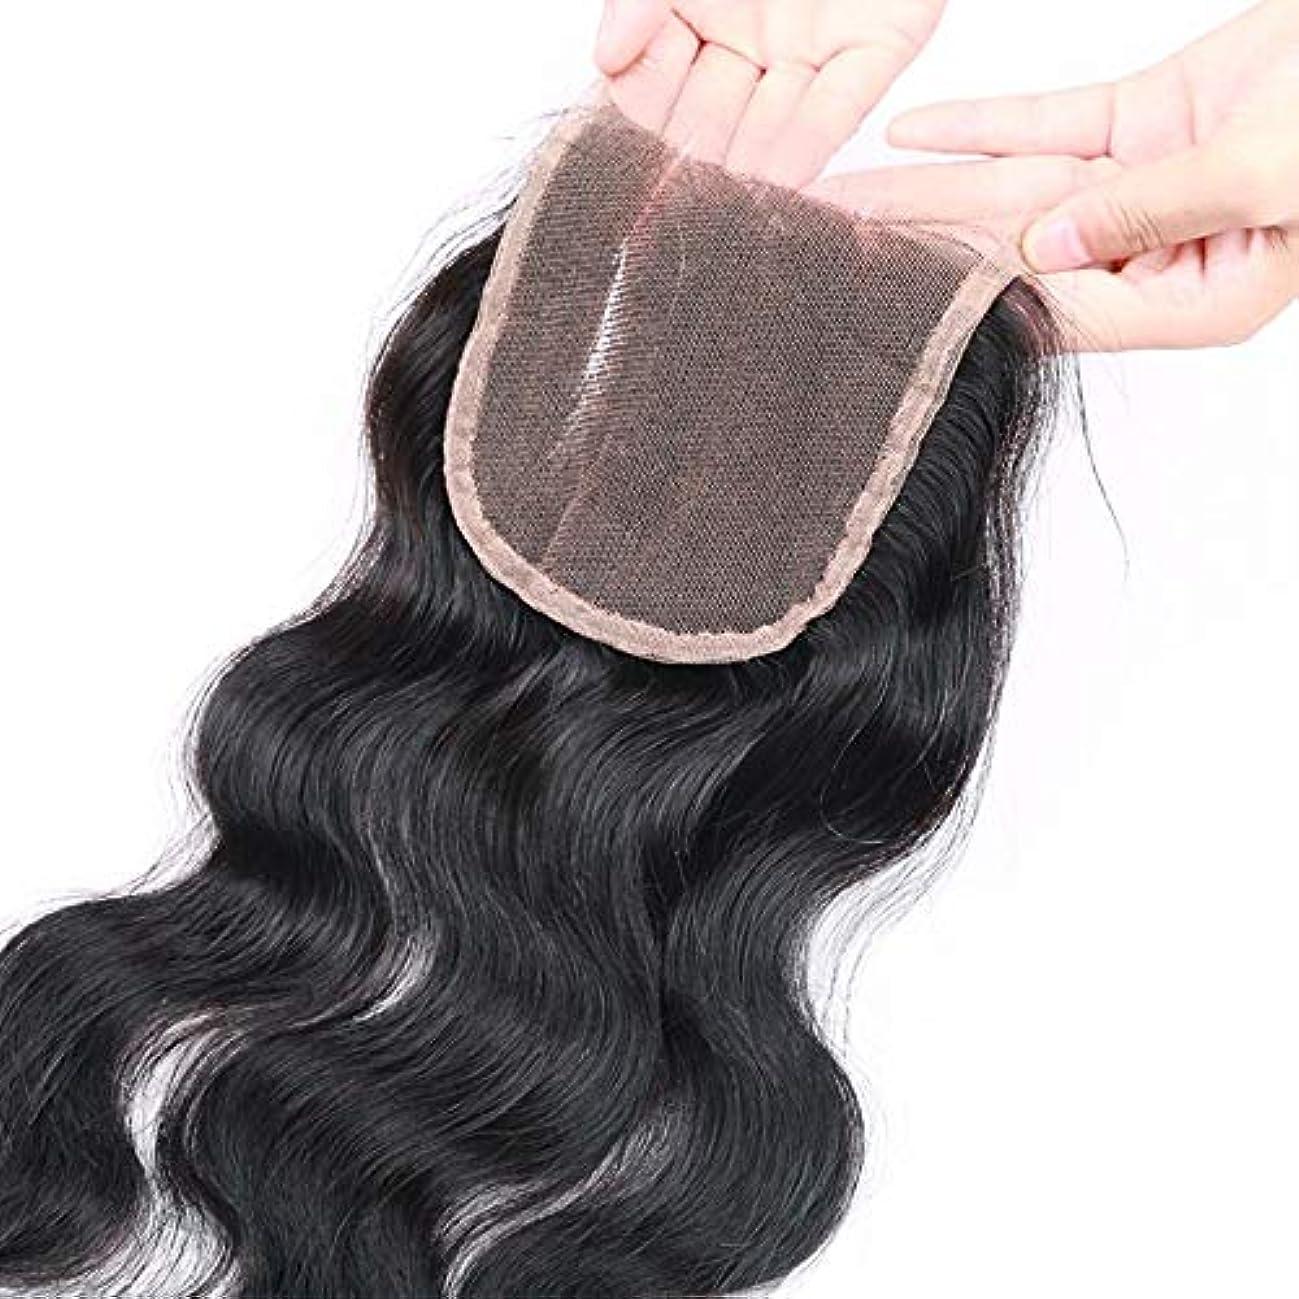 経営者首角度YESONEEP クロージャーを持つ実体波4x4の自由な部分クロージャーを持つブラジルのバージンヘアバンドルレースクロージャーを持つ自然な黒人間の髪の毛の束合成髪レースかつらロールプレイングかつら長くて短い女性自然 (色...